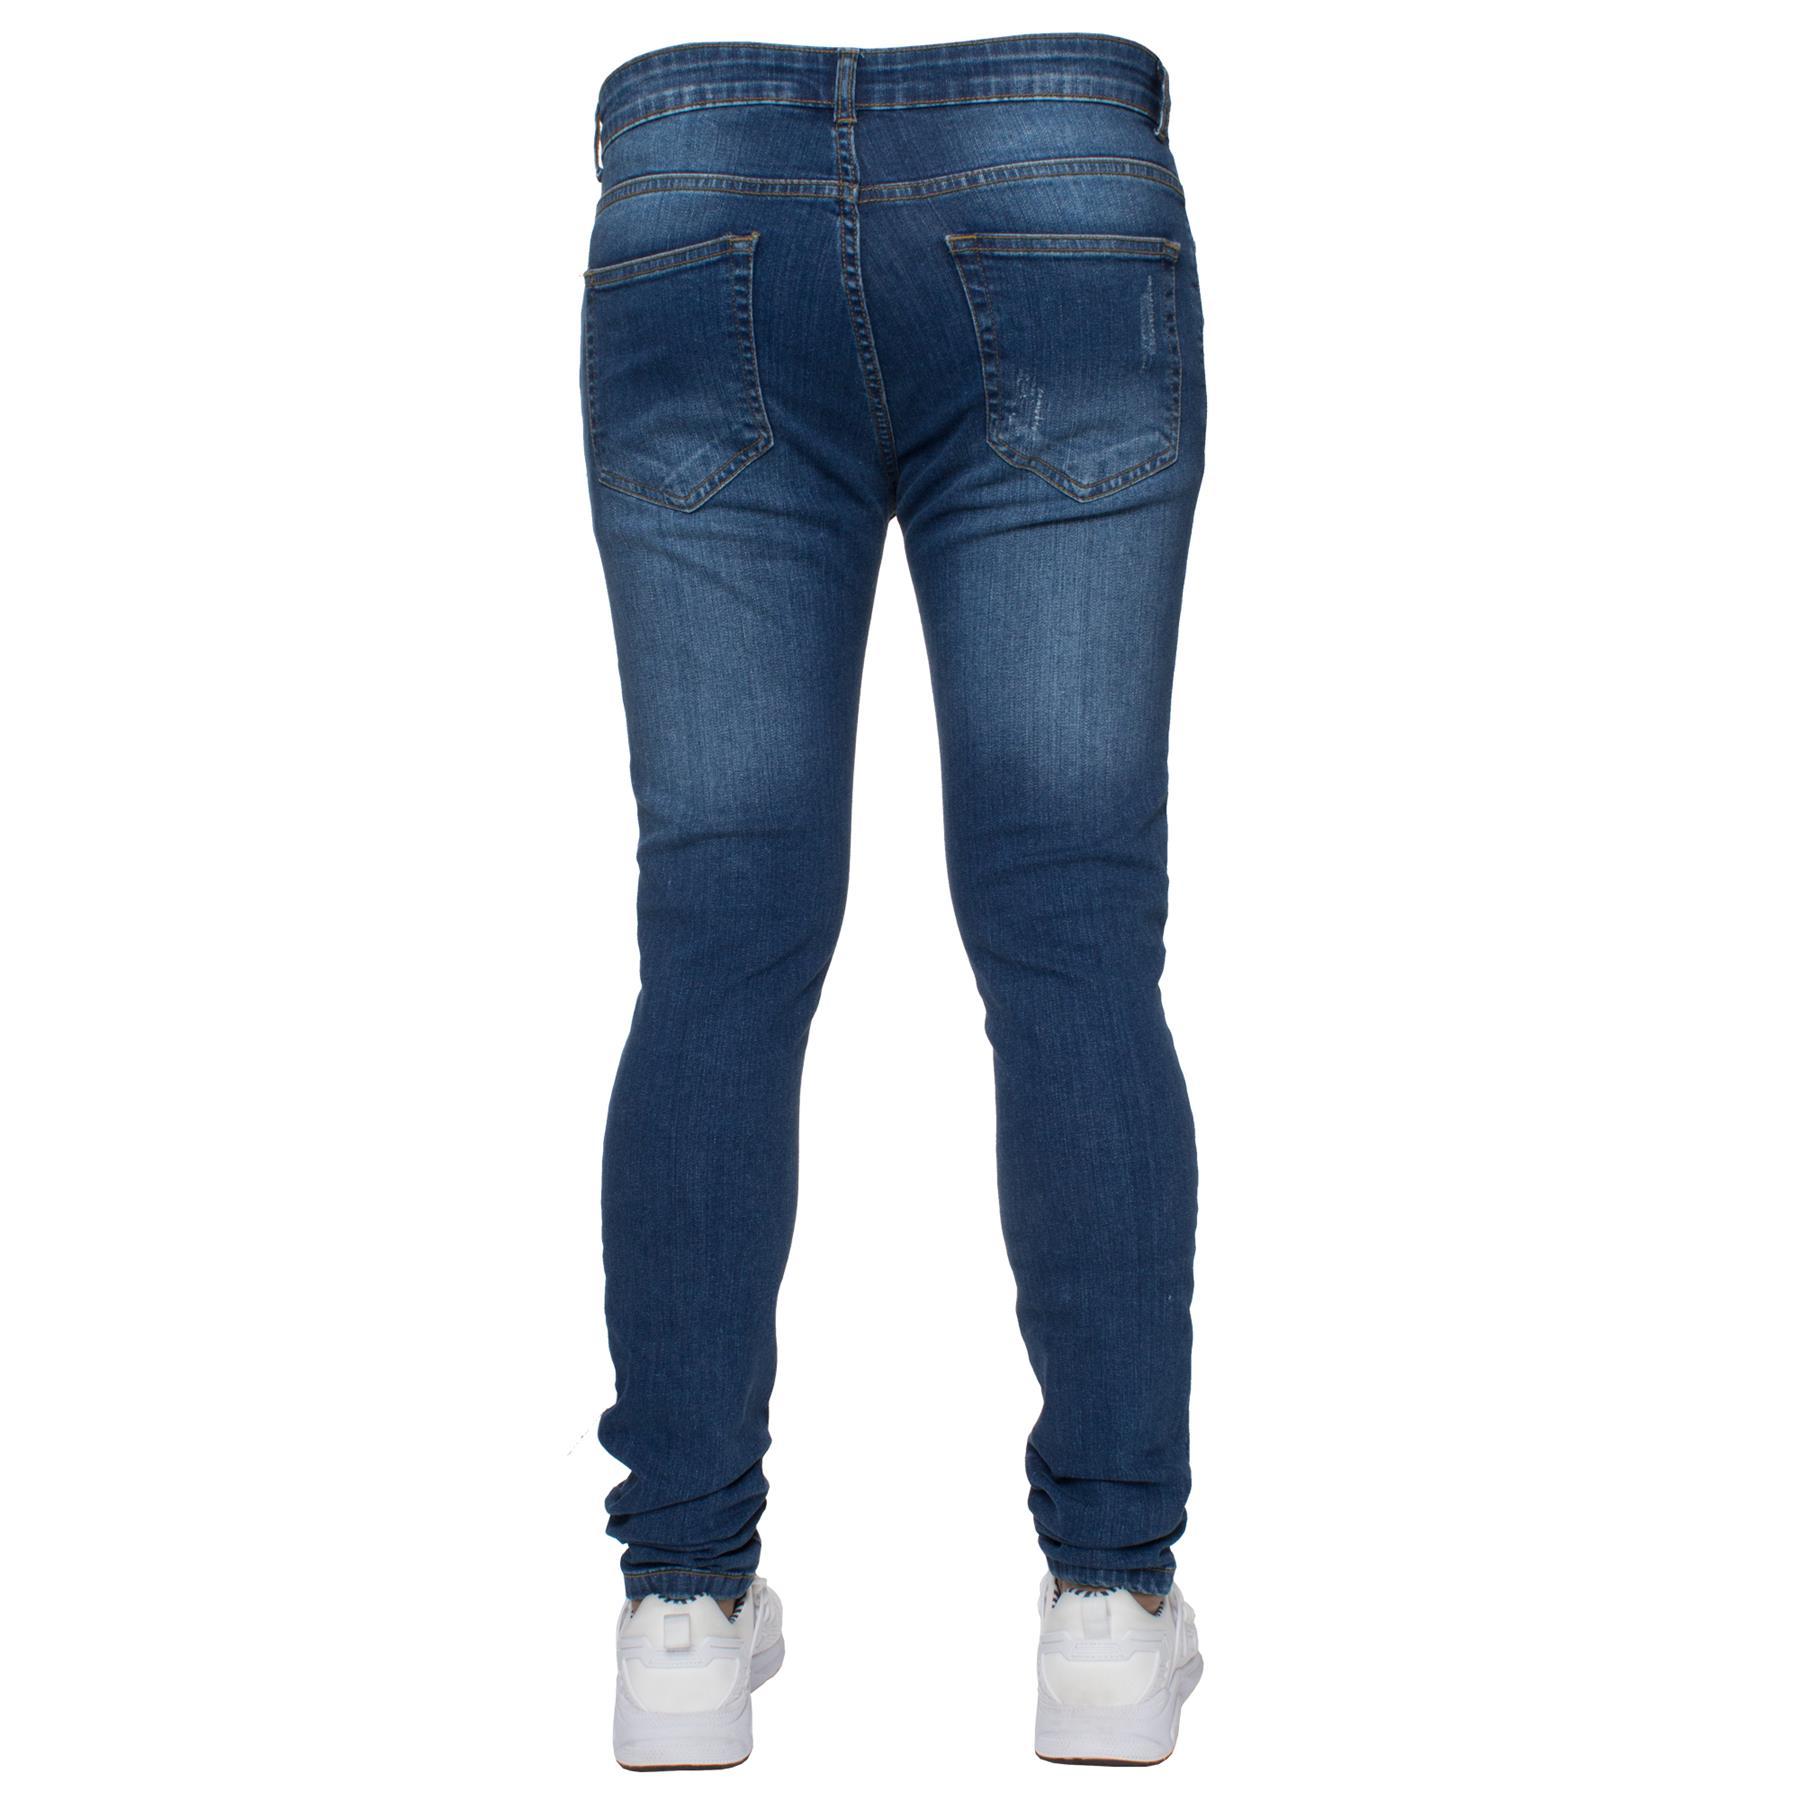 Para-hombre-Super-Skinny-Ripped-Jeans-Pantalones-Ajustados-desgastados-Denim-Envejecido-Todas miniatura 6